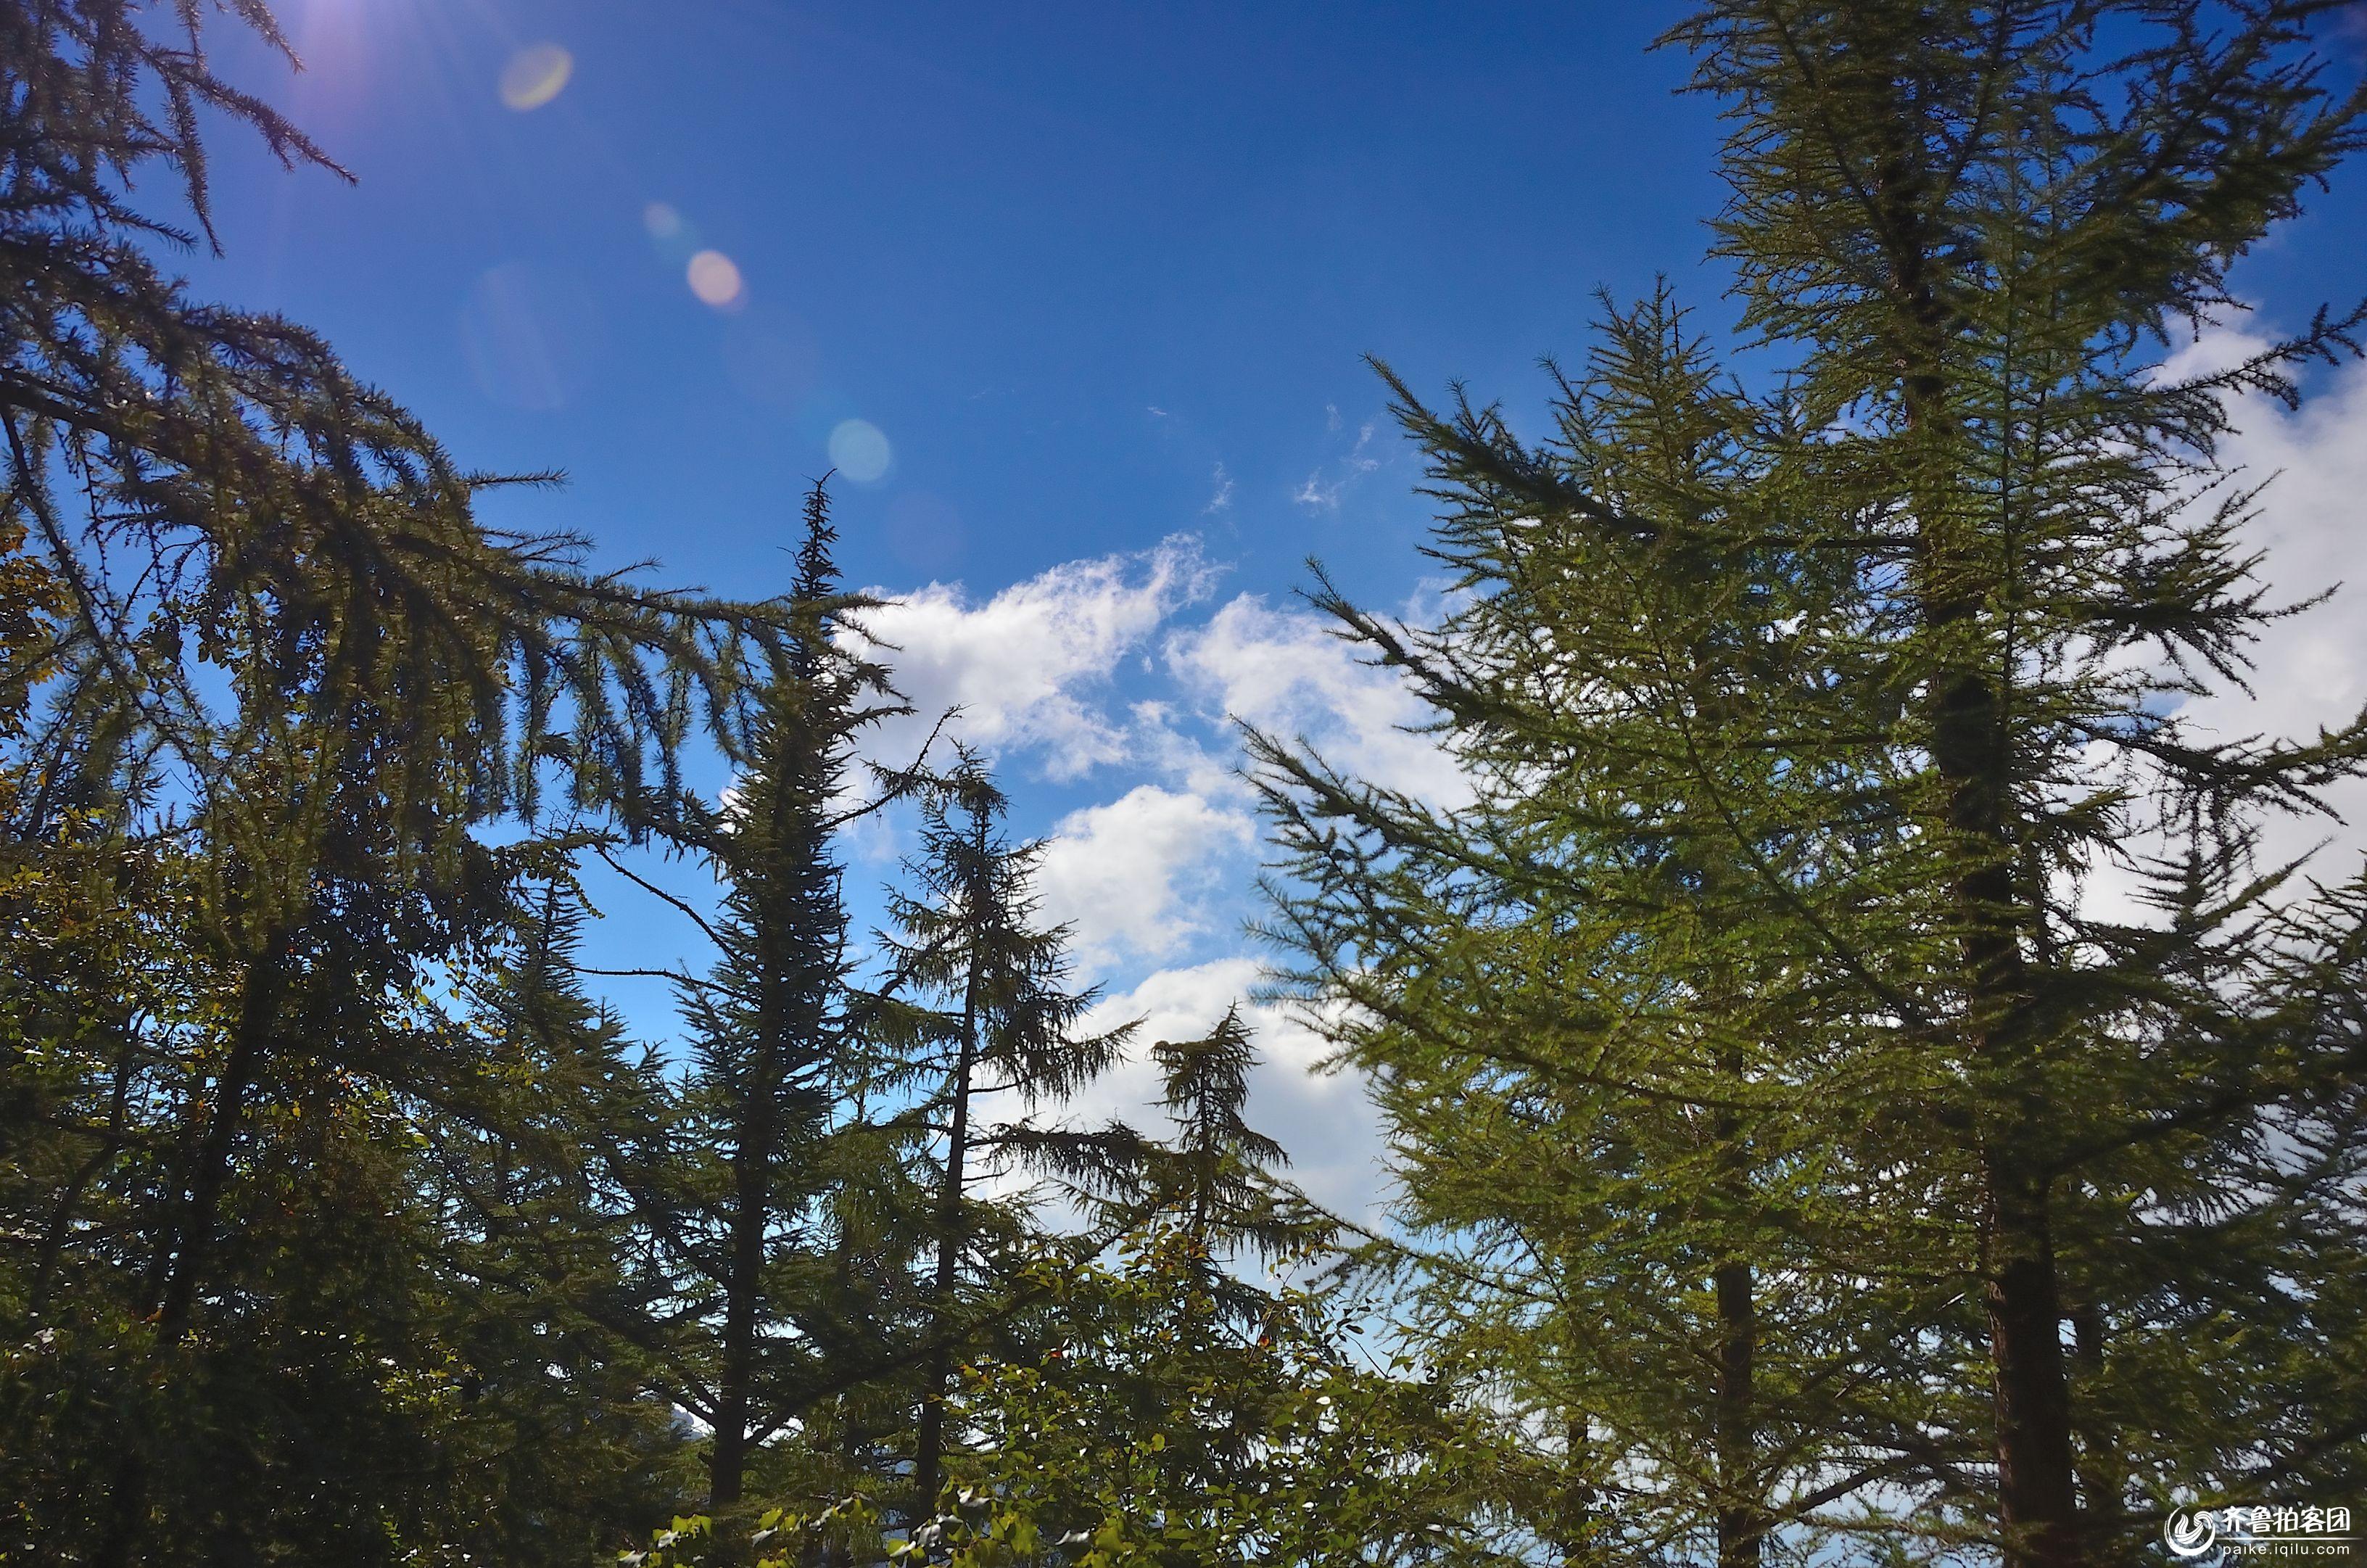 69 崂山巨峰的蓝天白云  分享到:qq空间新浪微博腾讯微博人人网微信